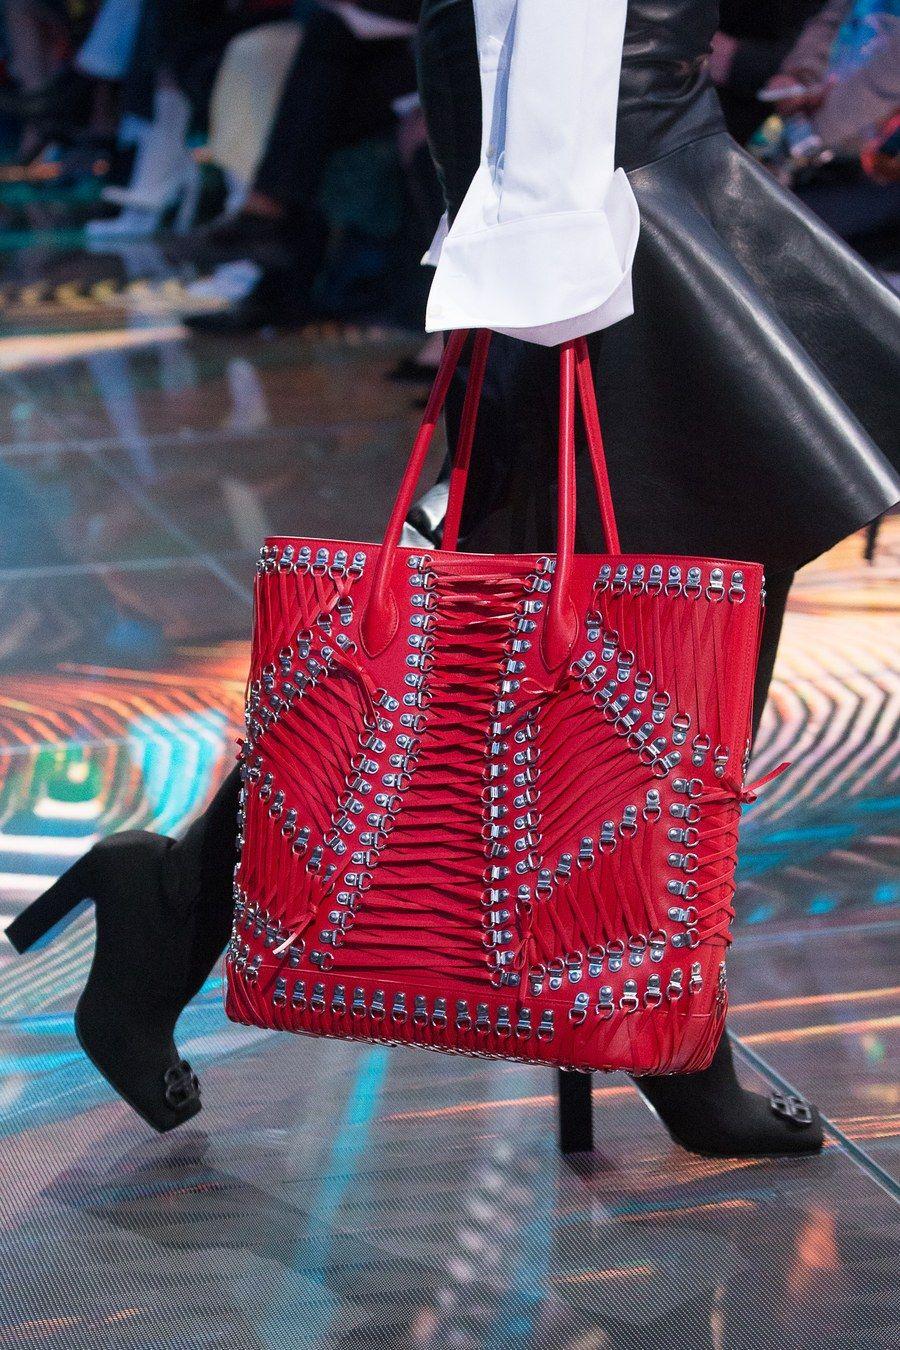 a08fe169c66f Balenciaga Spring 2019 Ready-to-Wear Fashion Show ekkor  2019